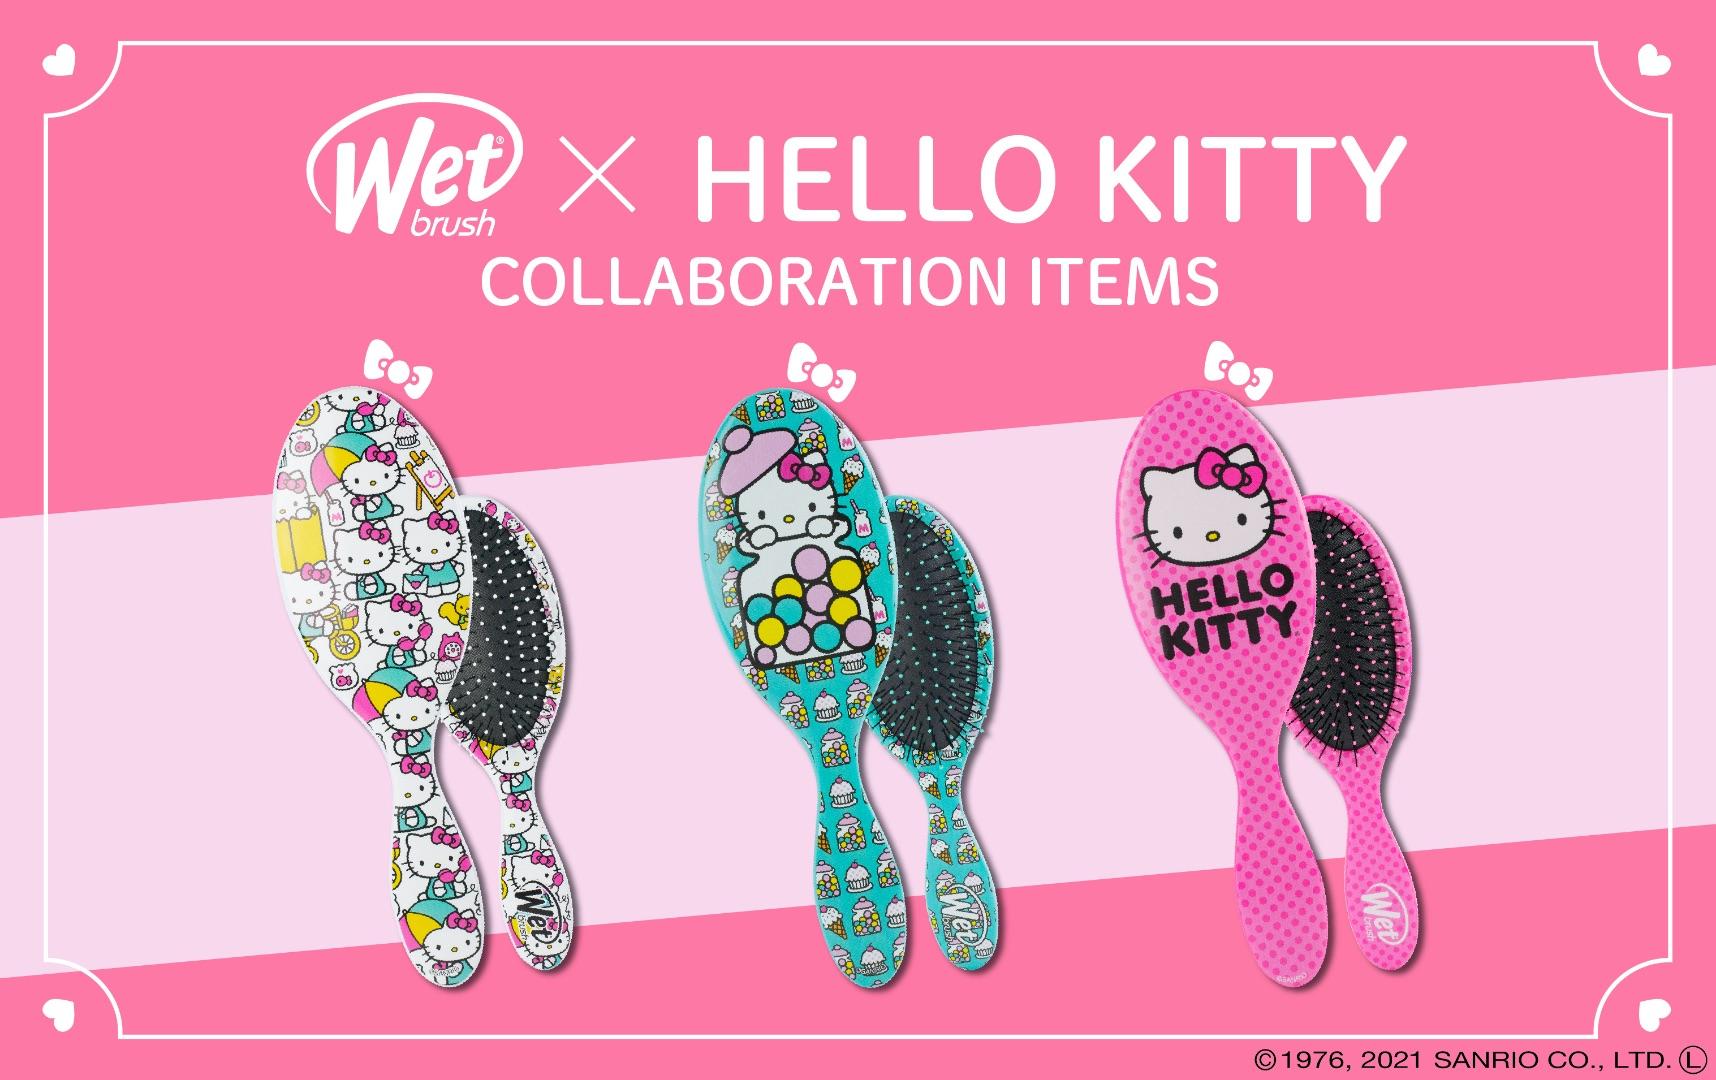 wetbrush-hello-kitty-%e3%83%8f%e3%83%ad%e3%83%bc%e3%82%ad%e3%83%86%e3%82%a3%e5%87%b1%e8%92%82%e8%b2%93-2